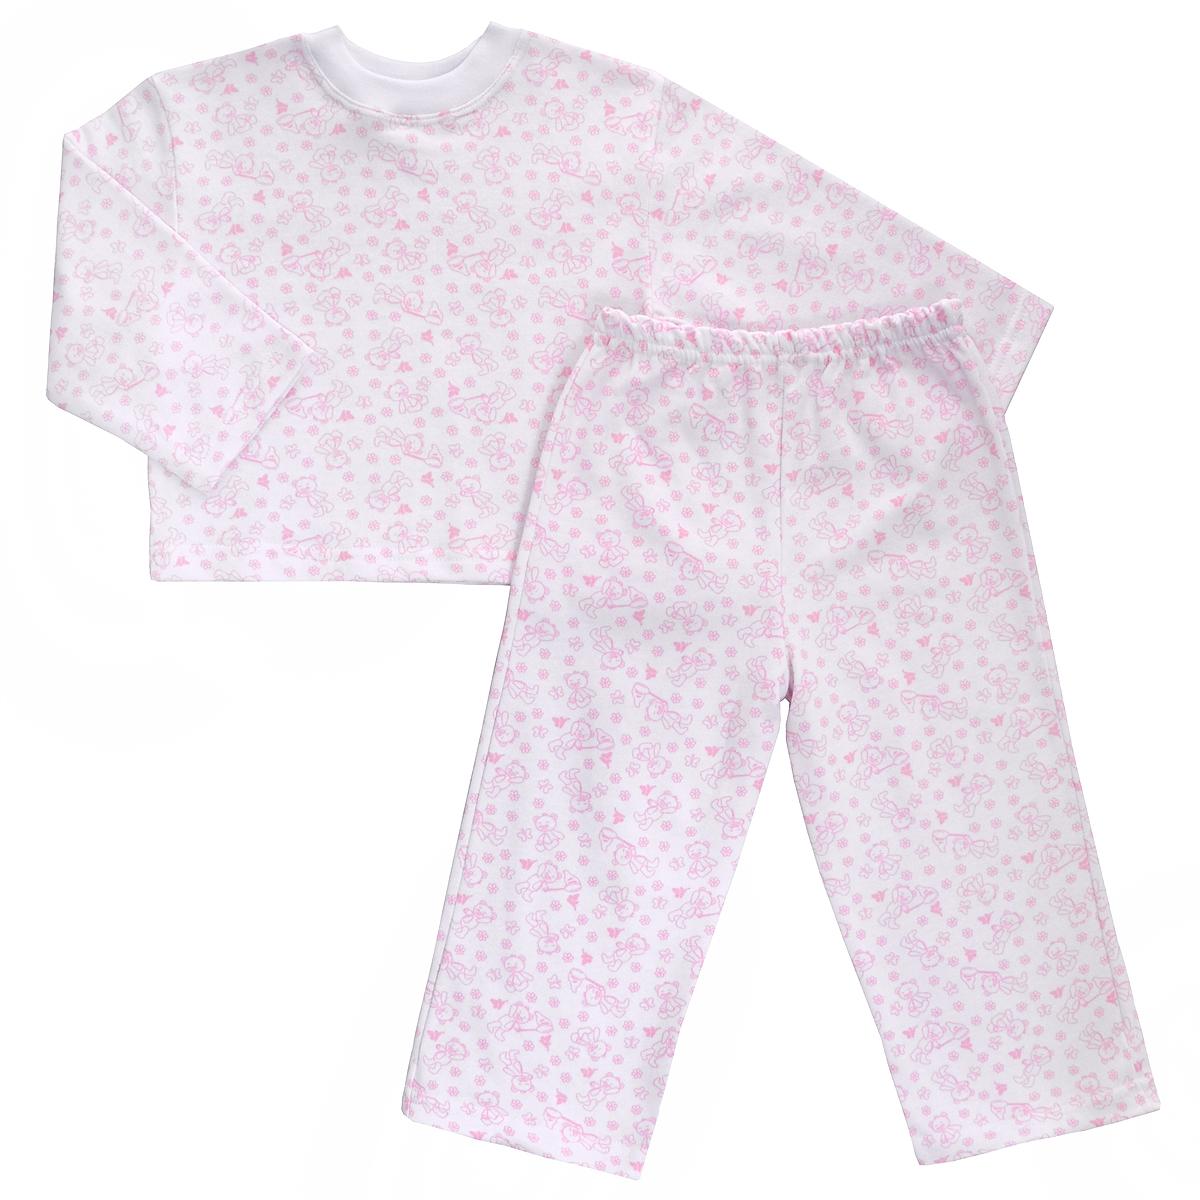 Пижама детская Трон-плюс, цвет: белый, розовый, рисунок мишки. 5553. Размер 86/92, 2-3 года5553Яркая детская пижама Трон-плюс, состоящая из кофточки и штанишек, идеально подойдет вашему малышу и станет отличным дополнением к детскому гардеробу. Теплая пижама, изготовленная из набивного футера - натурального хлопка, необычайно мягкая и легкая, не сковывает движения ребенка, позволяет коже дышать и не раздражает даже самую нежную и чувствительную кожу малыша. Кофта с длинными рукавами имеет круглый вырез горловины. Штанишки на удобной резинке не сдавливают животик ребенка и не сползают.В такой пижаме ваш ребенок будет чувствовать себя комфортно и уютно во время сна.